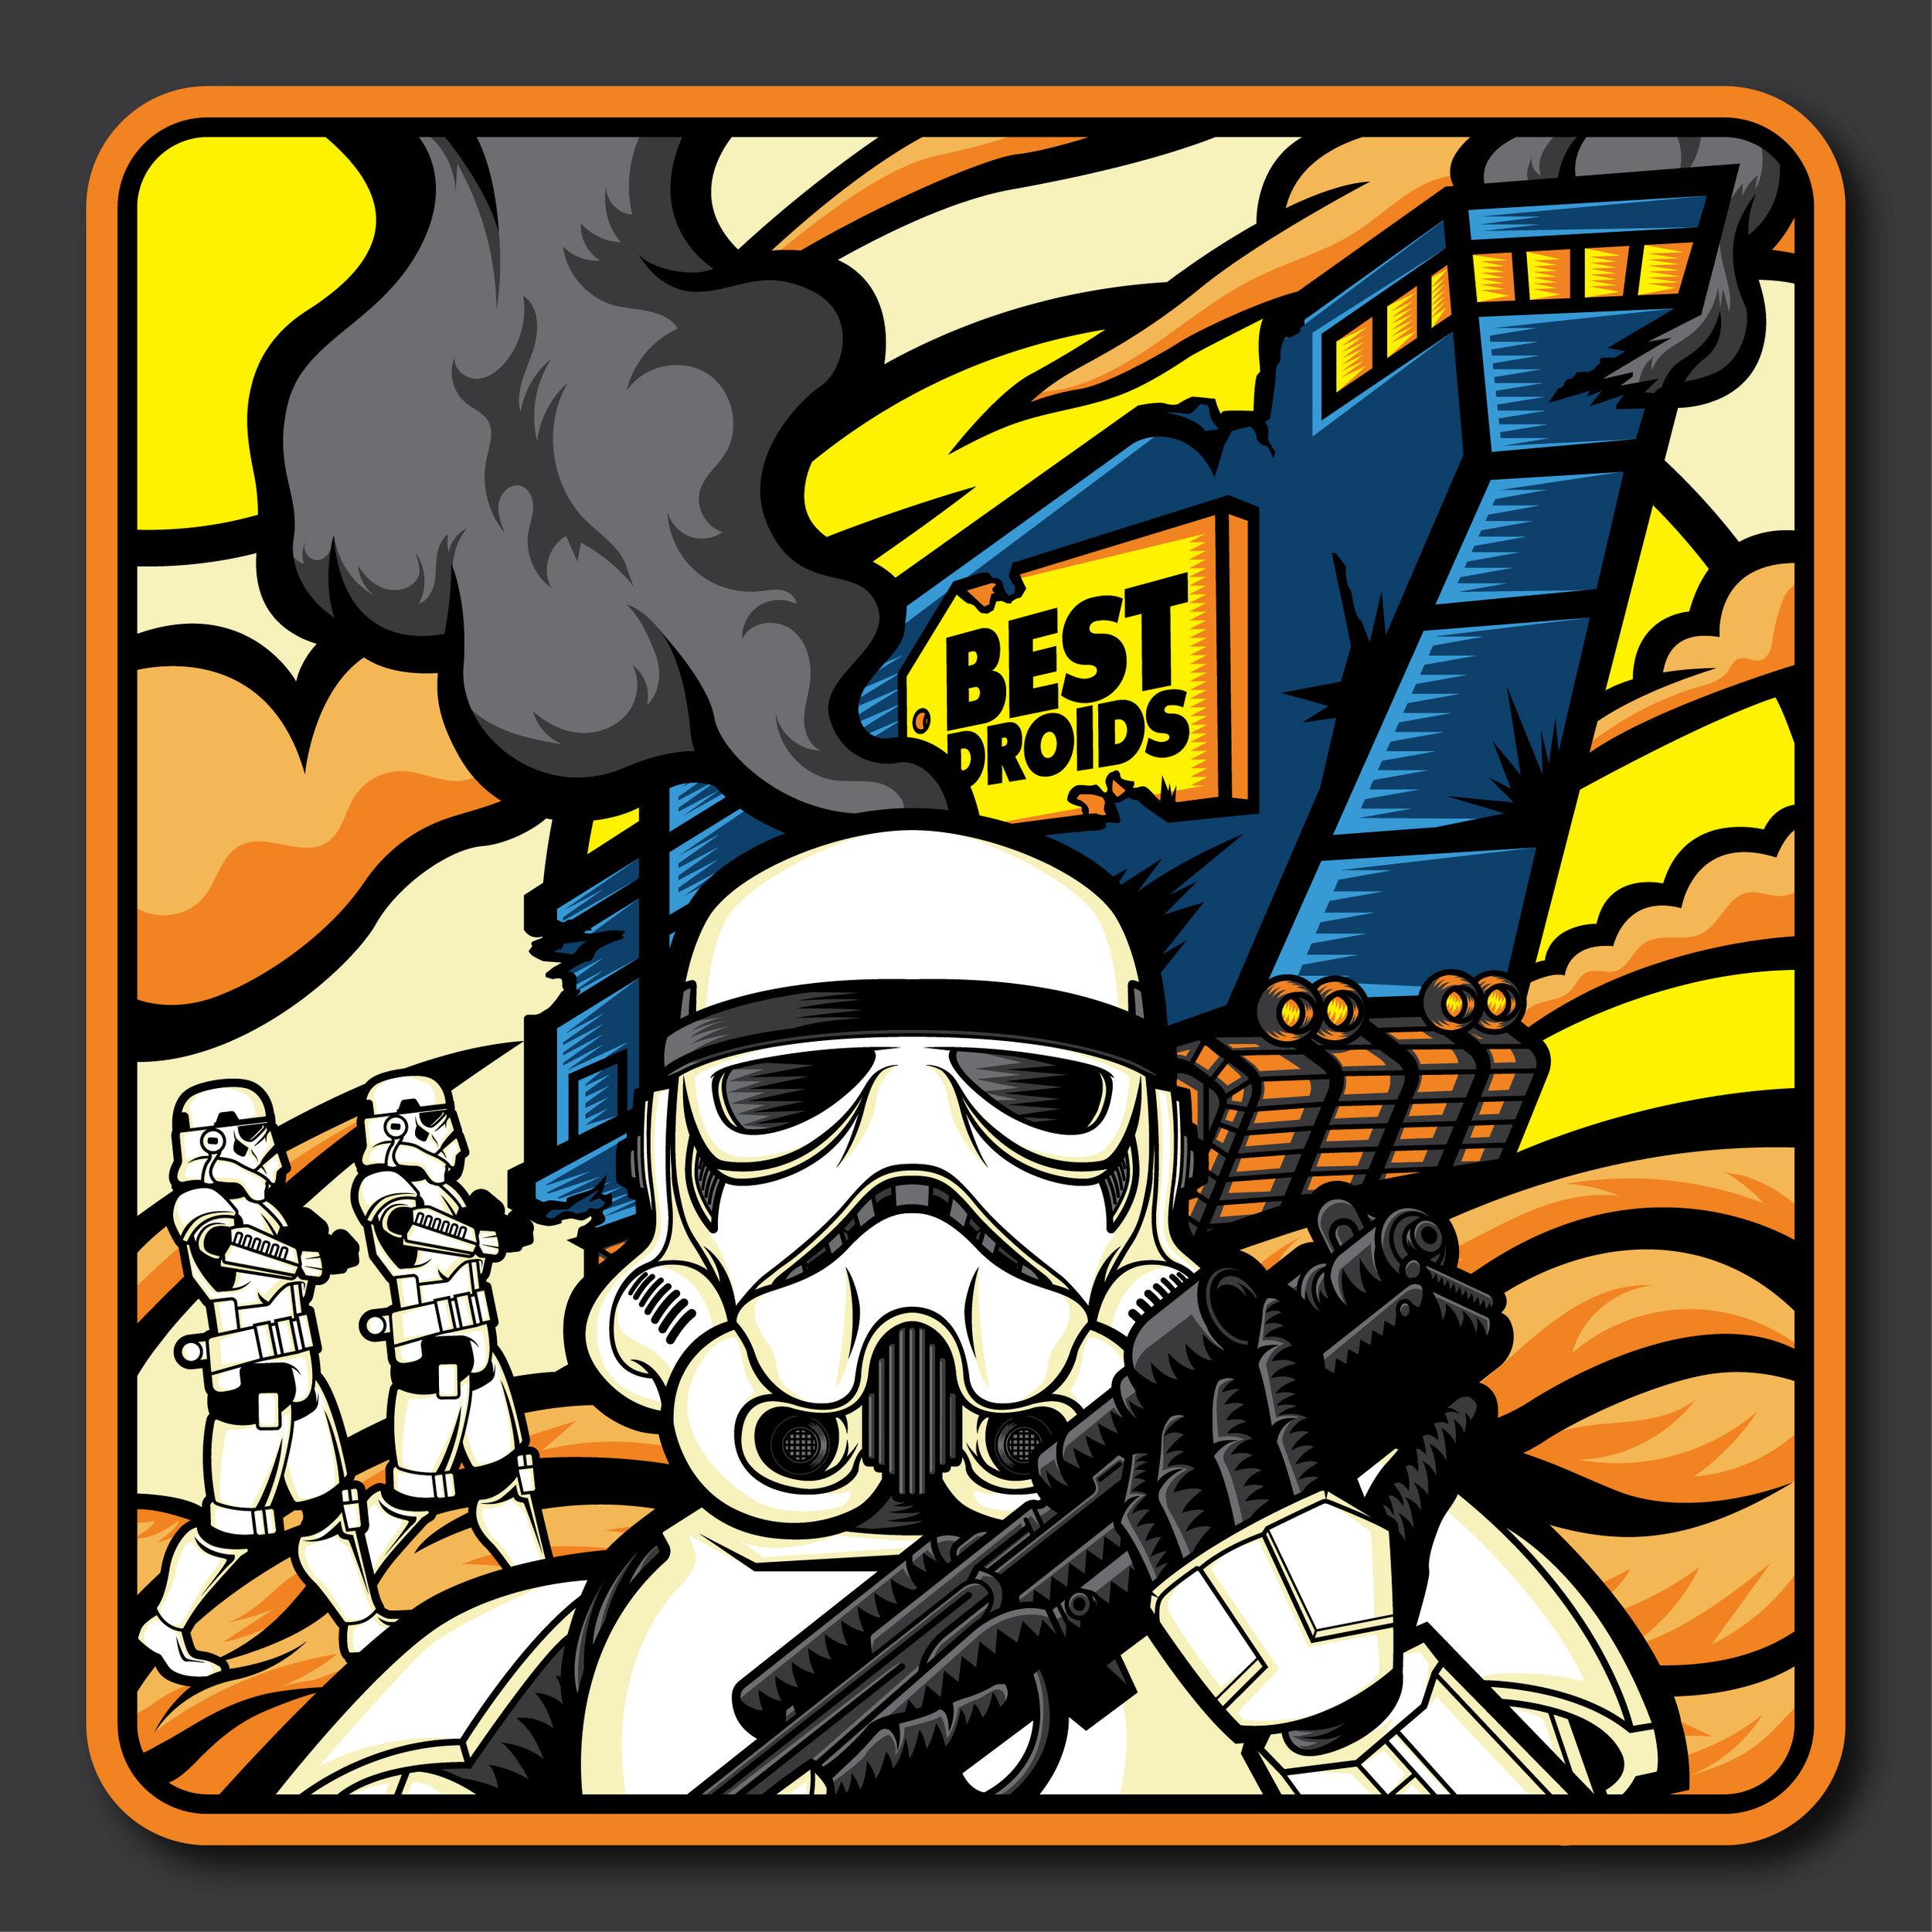 DP-BestDroids-Trooper-Social_1.jpg